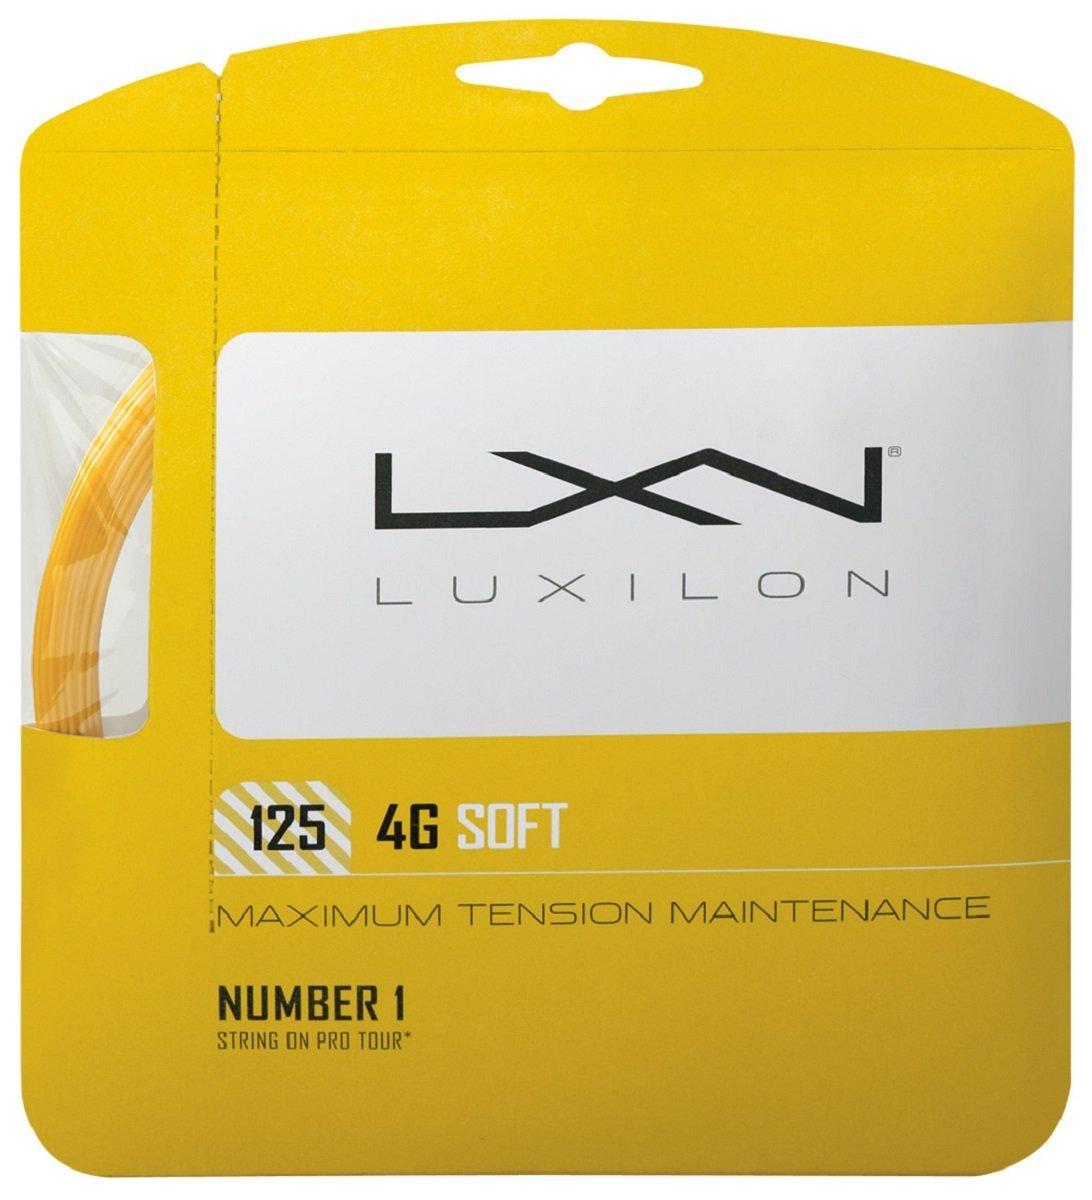 Wilson LUXILON 4G Soft 125 Tennis String Gold 16L Gauge